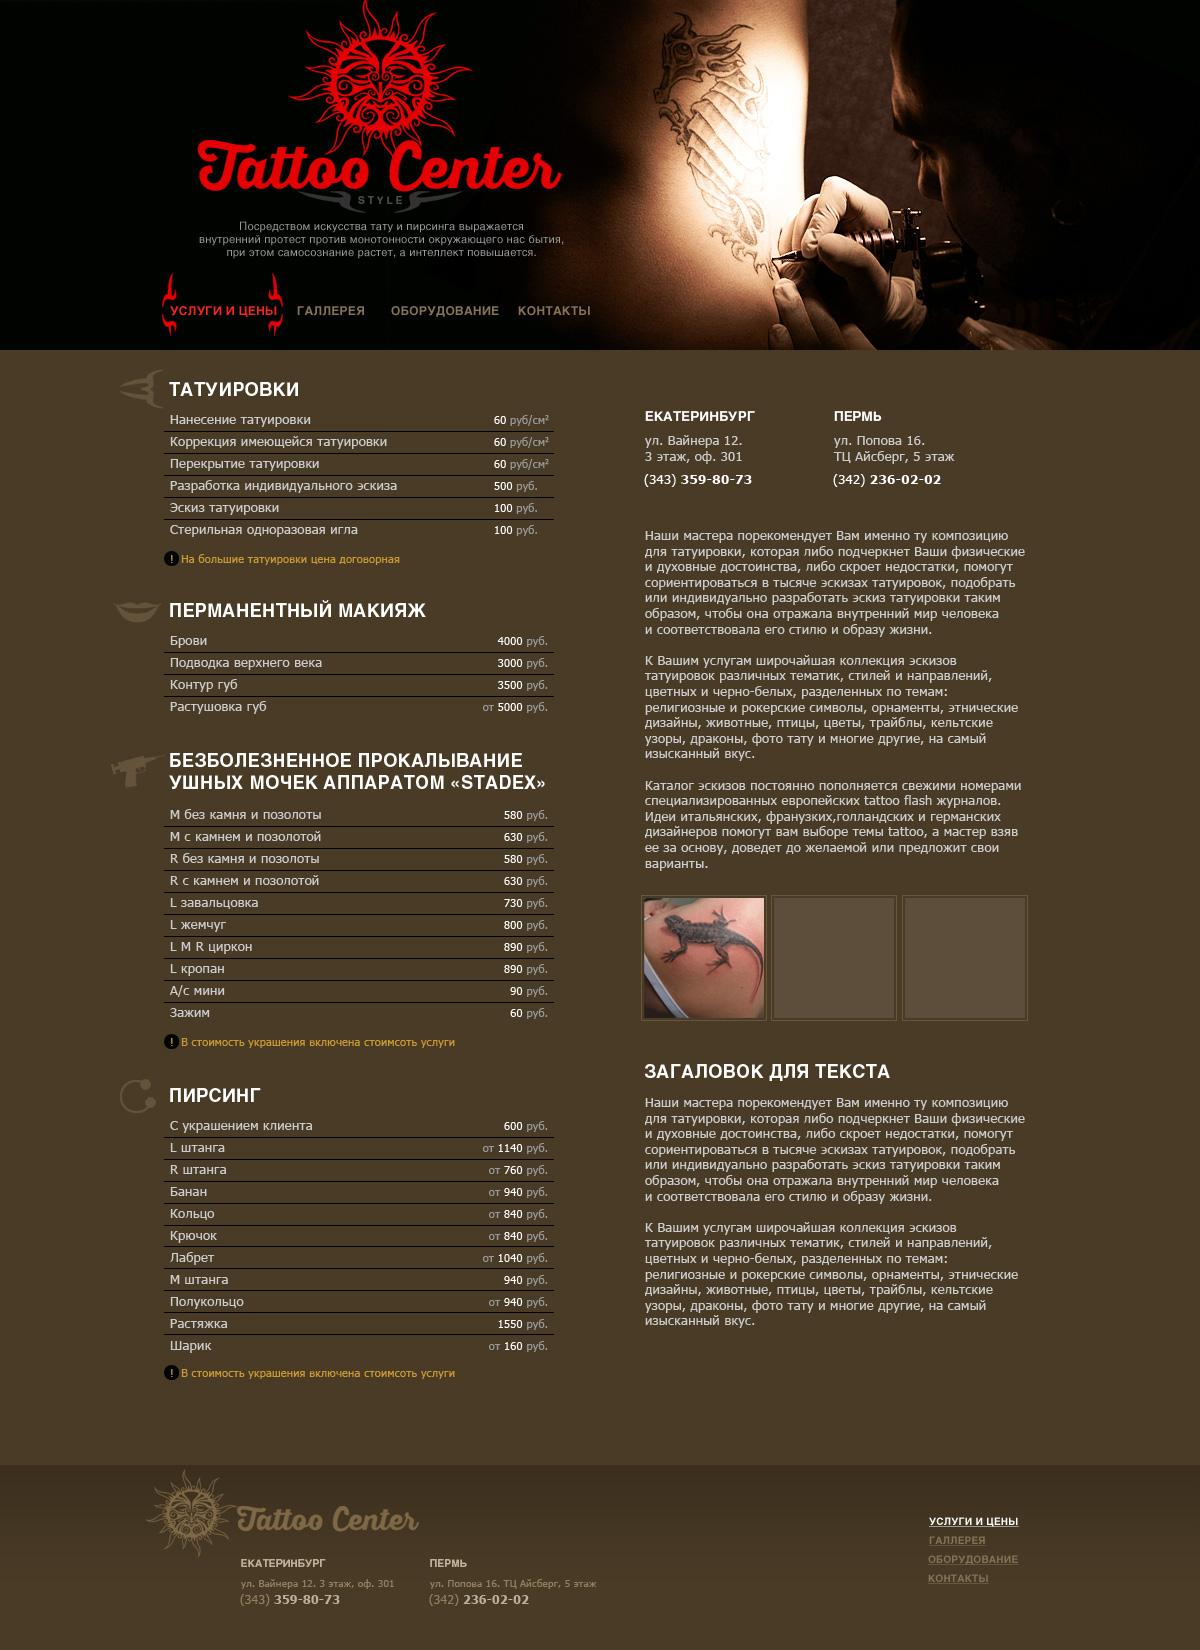 Дизайн и верстка сайта под wordpress